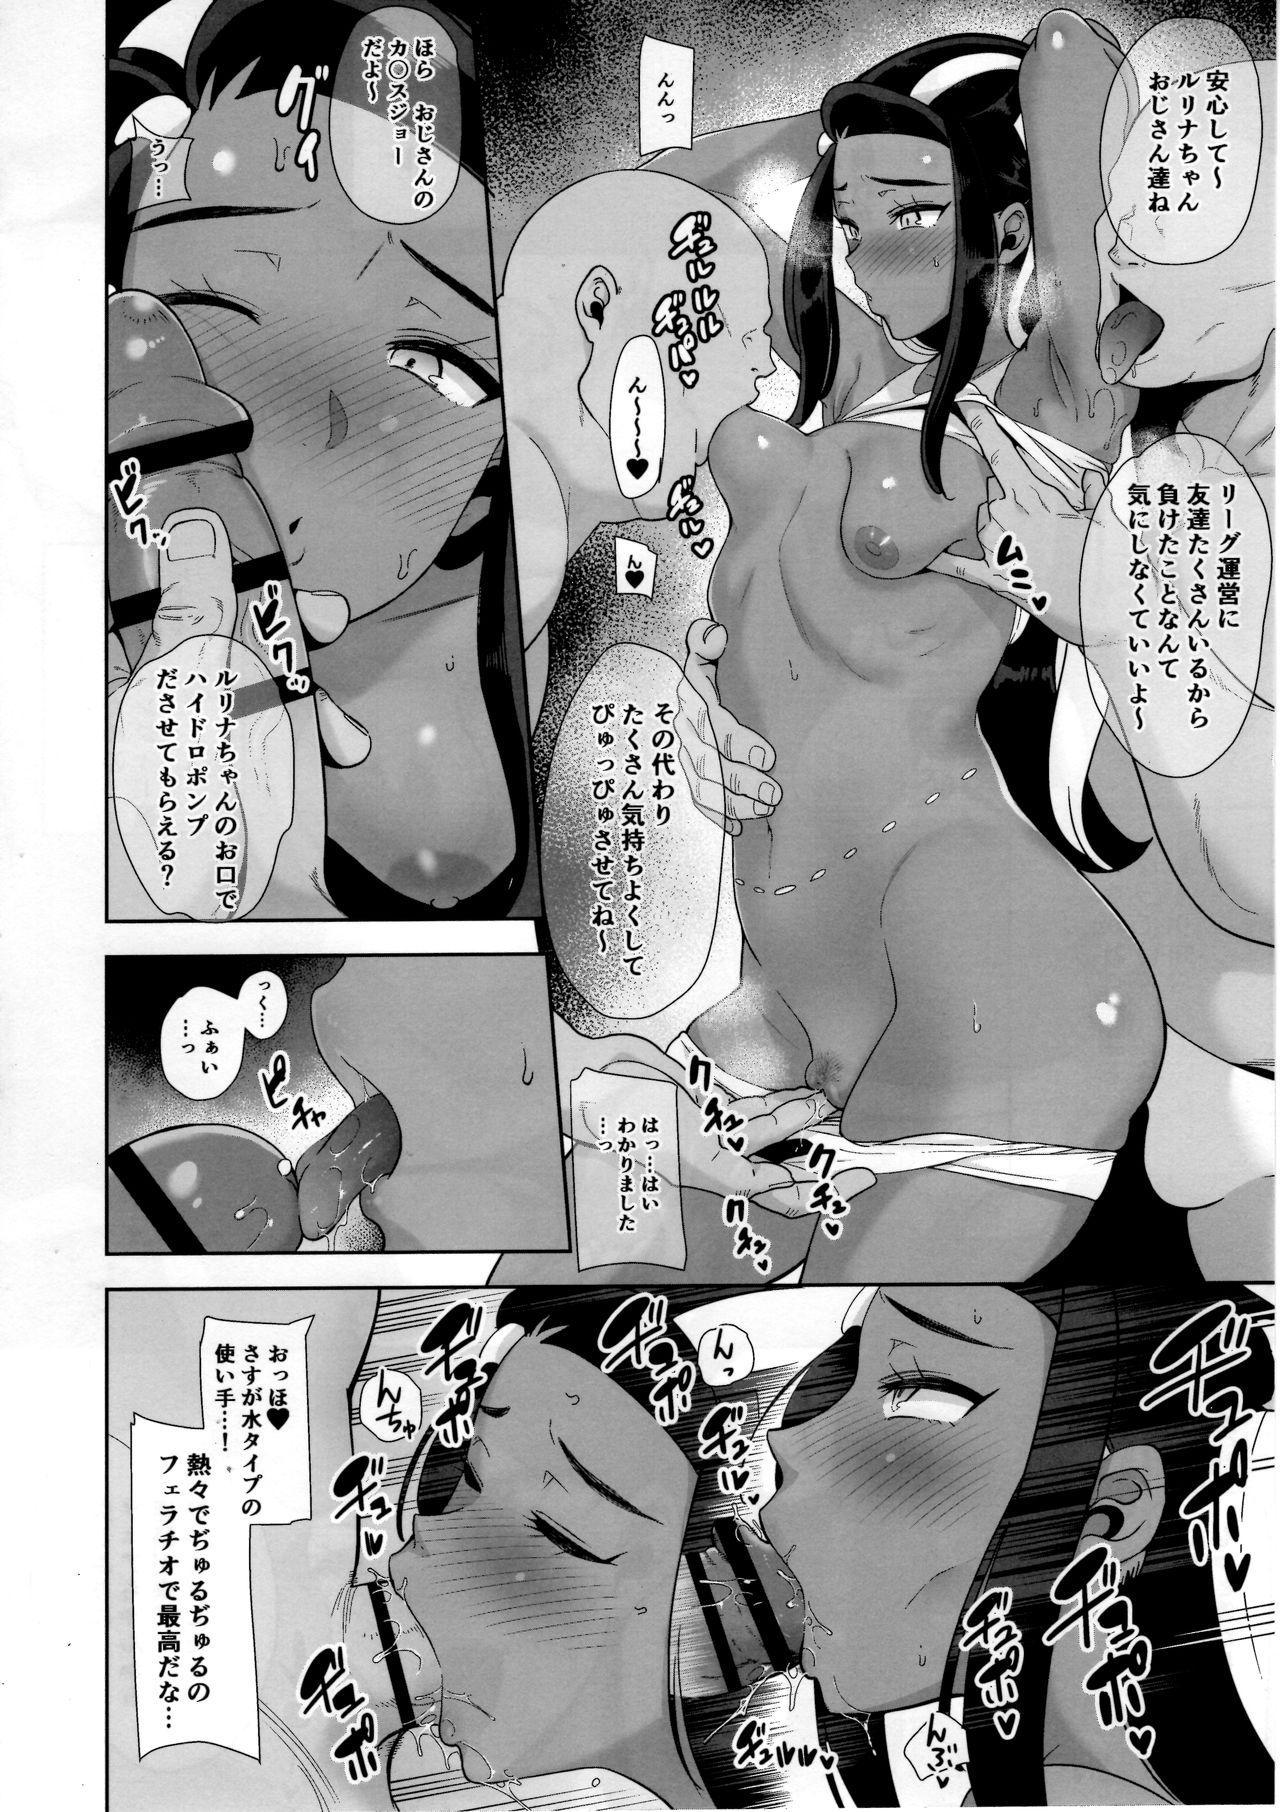 Galar no Yoru no Sugata 4